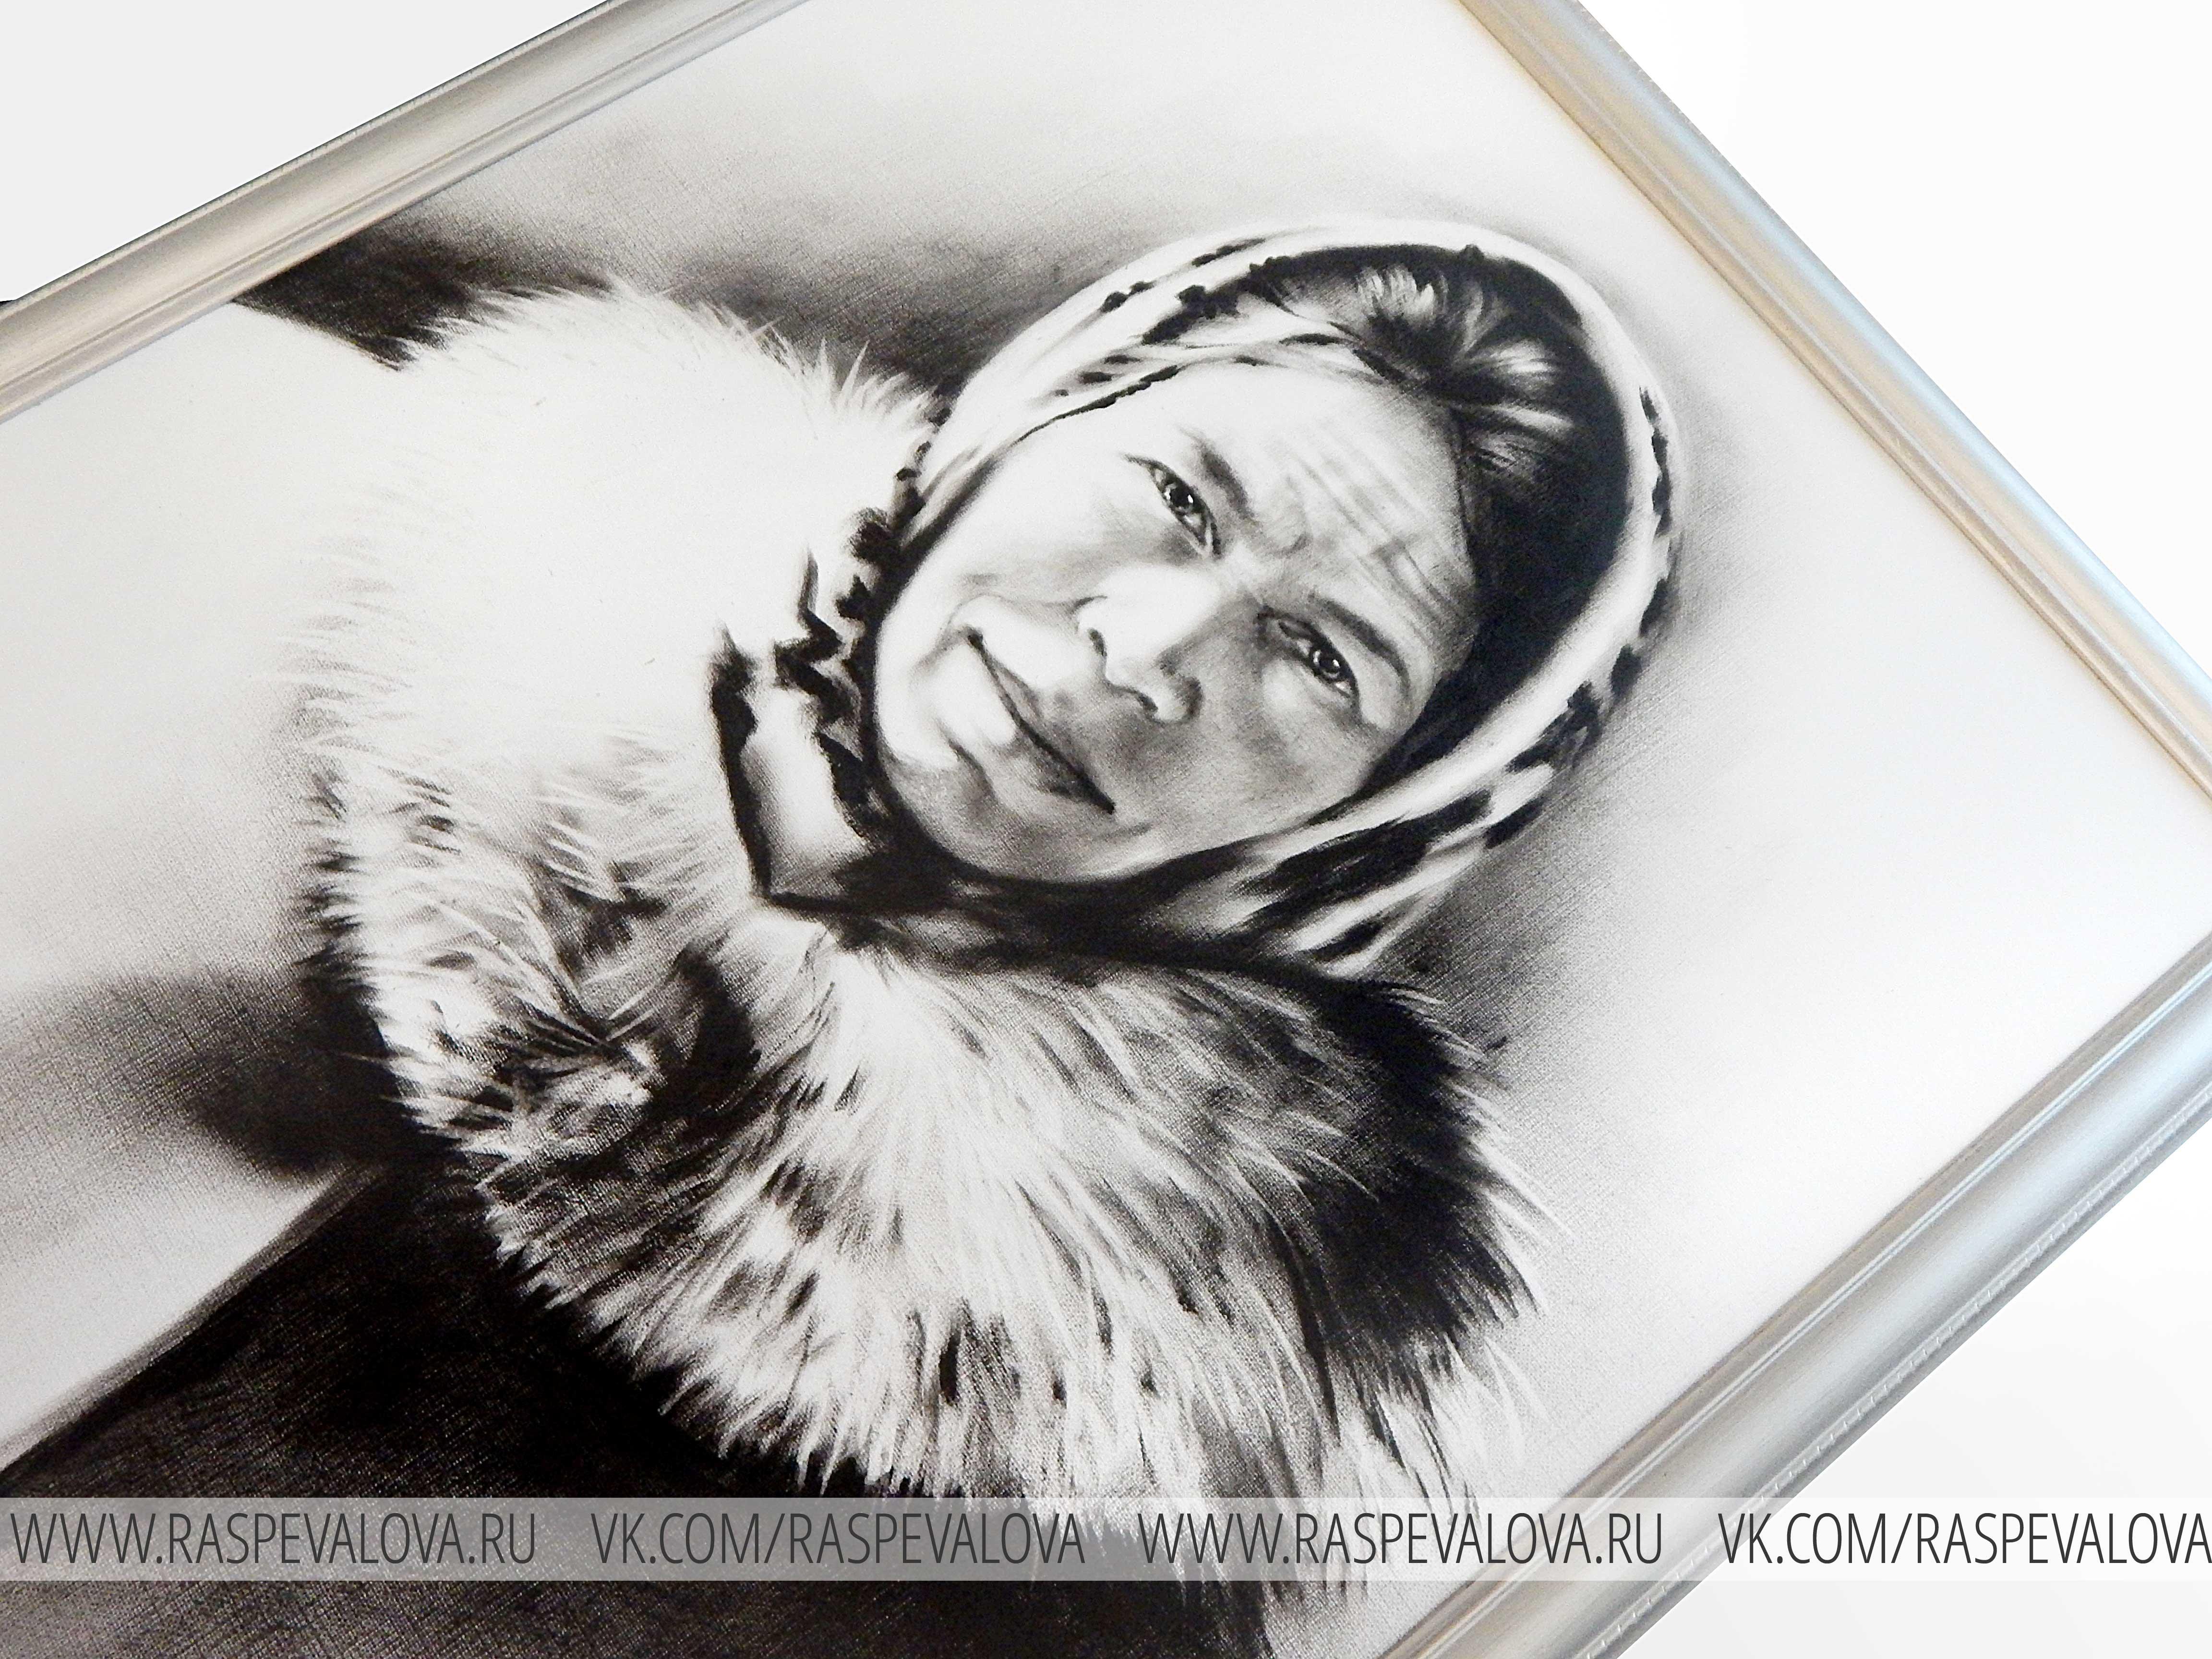 Портрет на заказ в Ульяновске